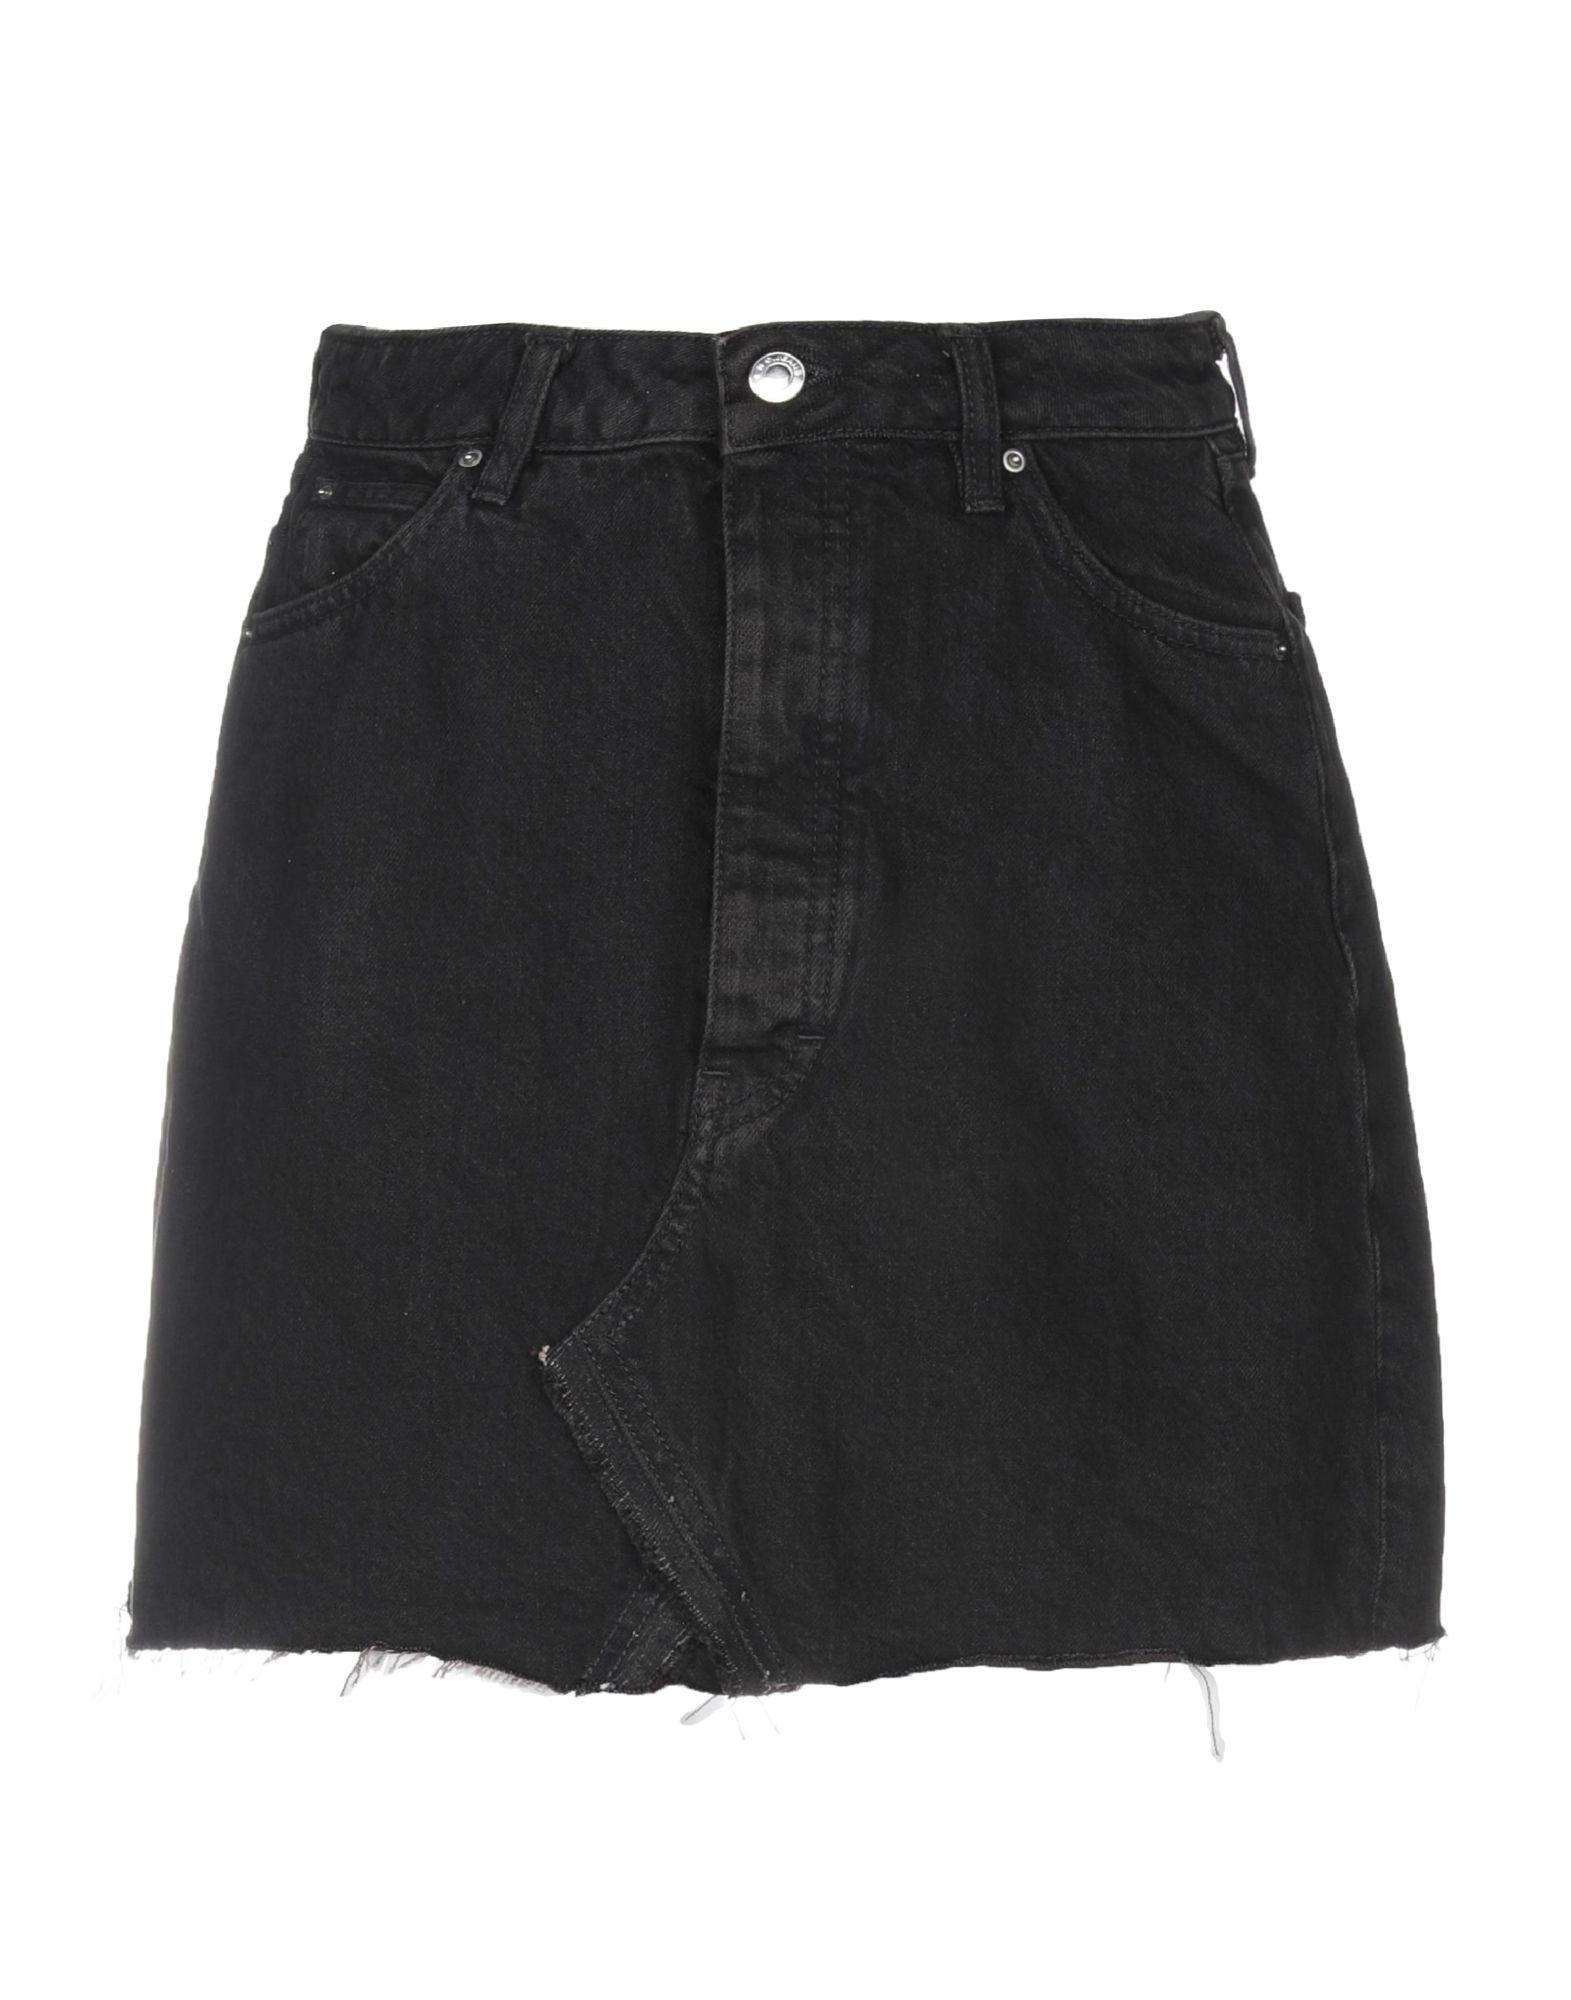 IRO.JEANS Джинсовая юбка юбка джинсовая с нагрудником и лямками barkito деним голубой